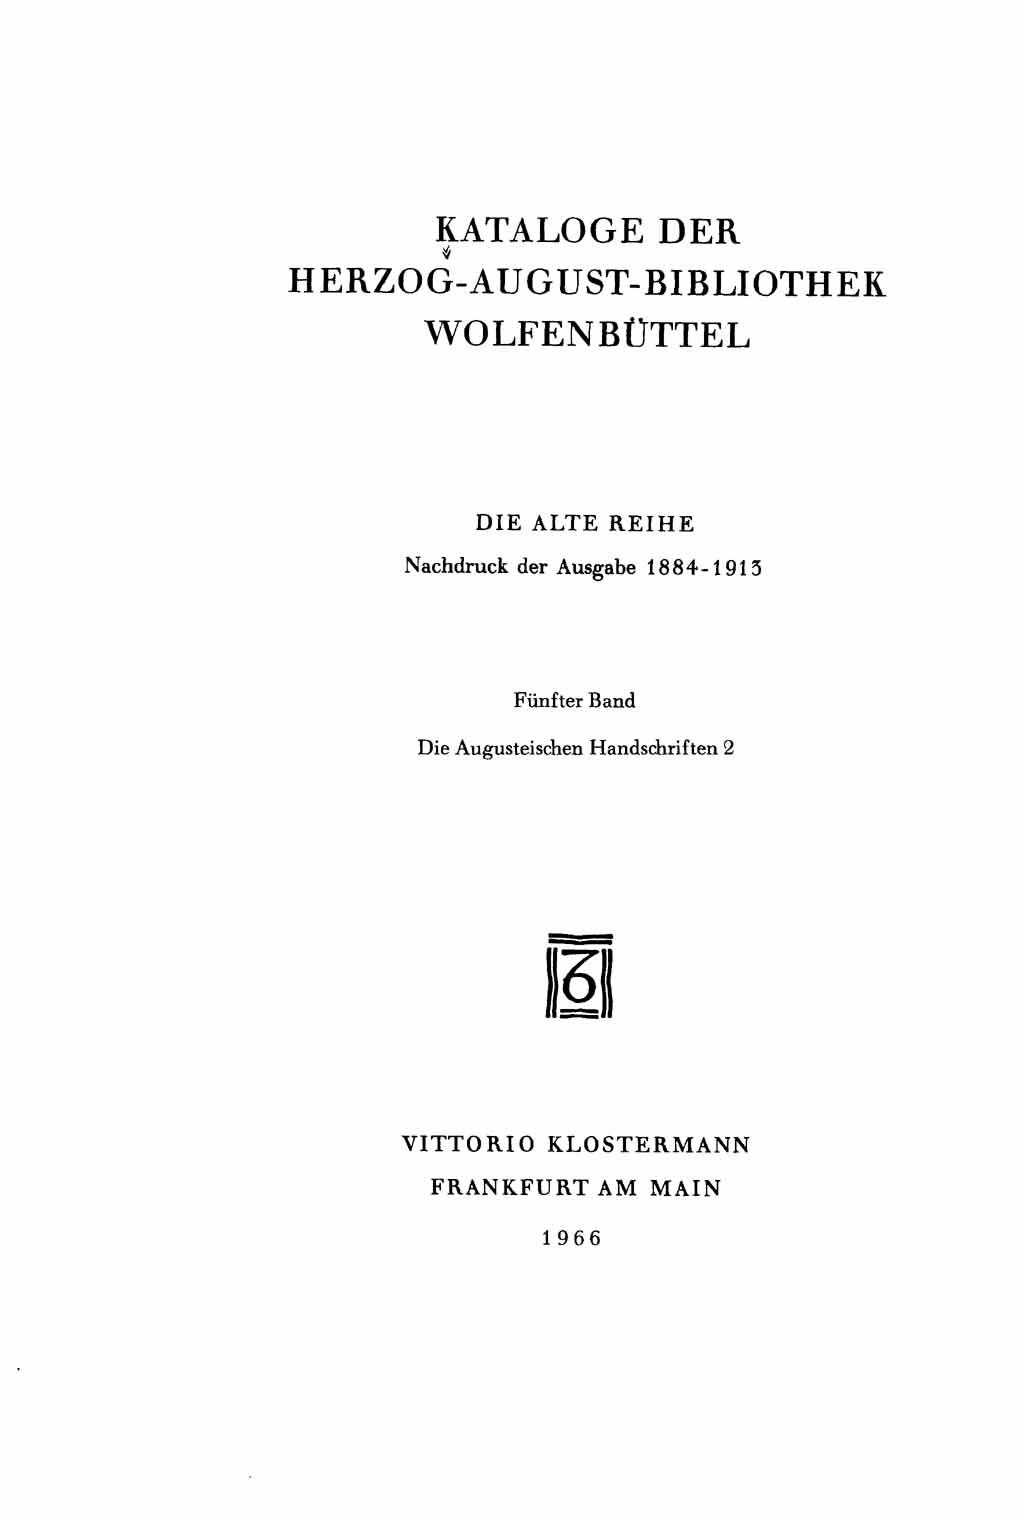 https://diglib.hab.de/drucke/f4f-539-5/00002.jpg